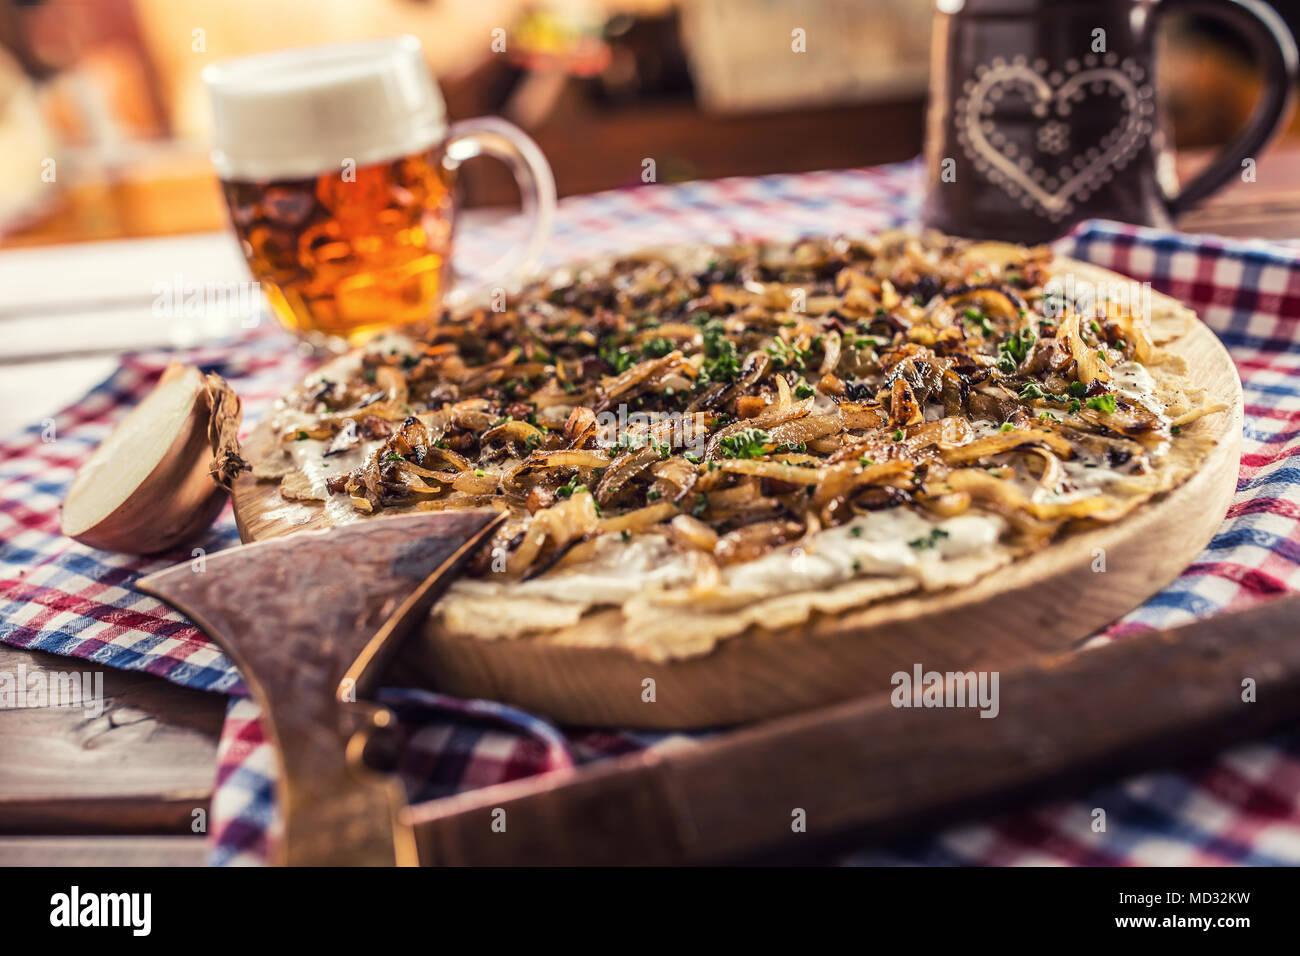 Slovaque traditionnelle galette de pommes de terre avec oignons frits et crème de bacon avec de la bière à la pression. Photo Stock